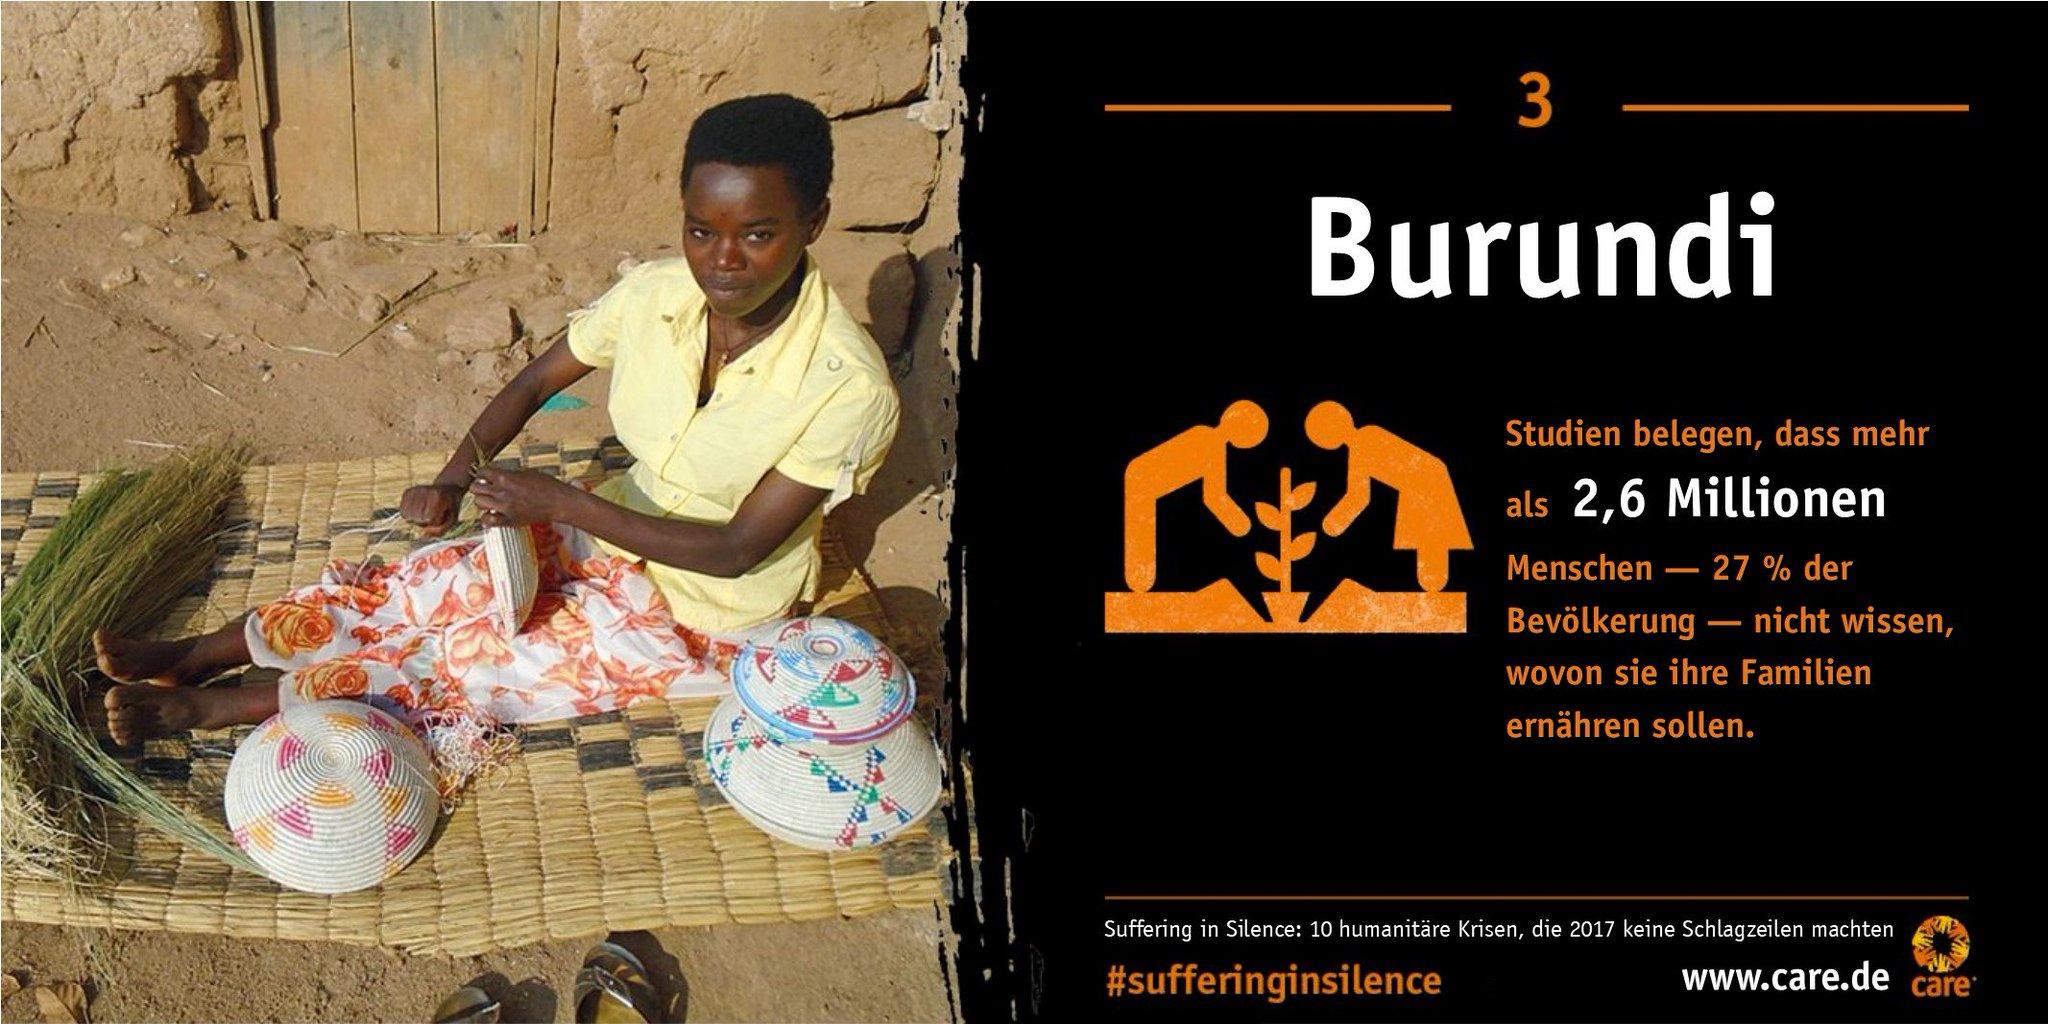 Stilles Leid, so nennt @care_de die andauernde politische Krise in Burundi ht...